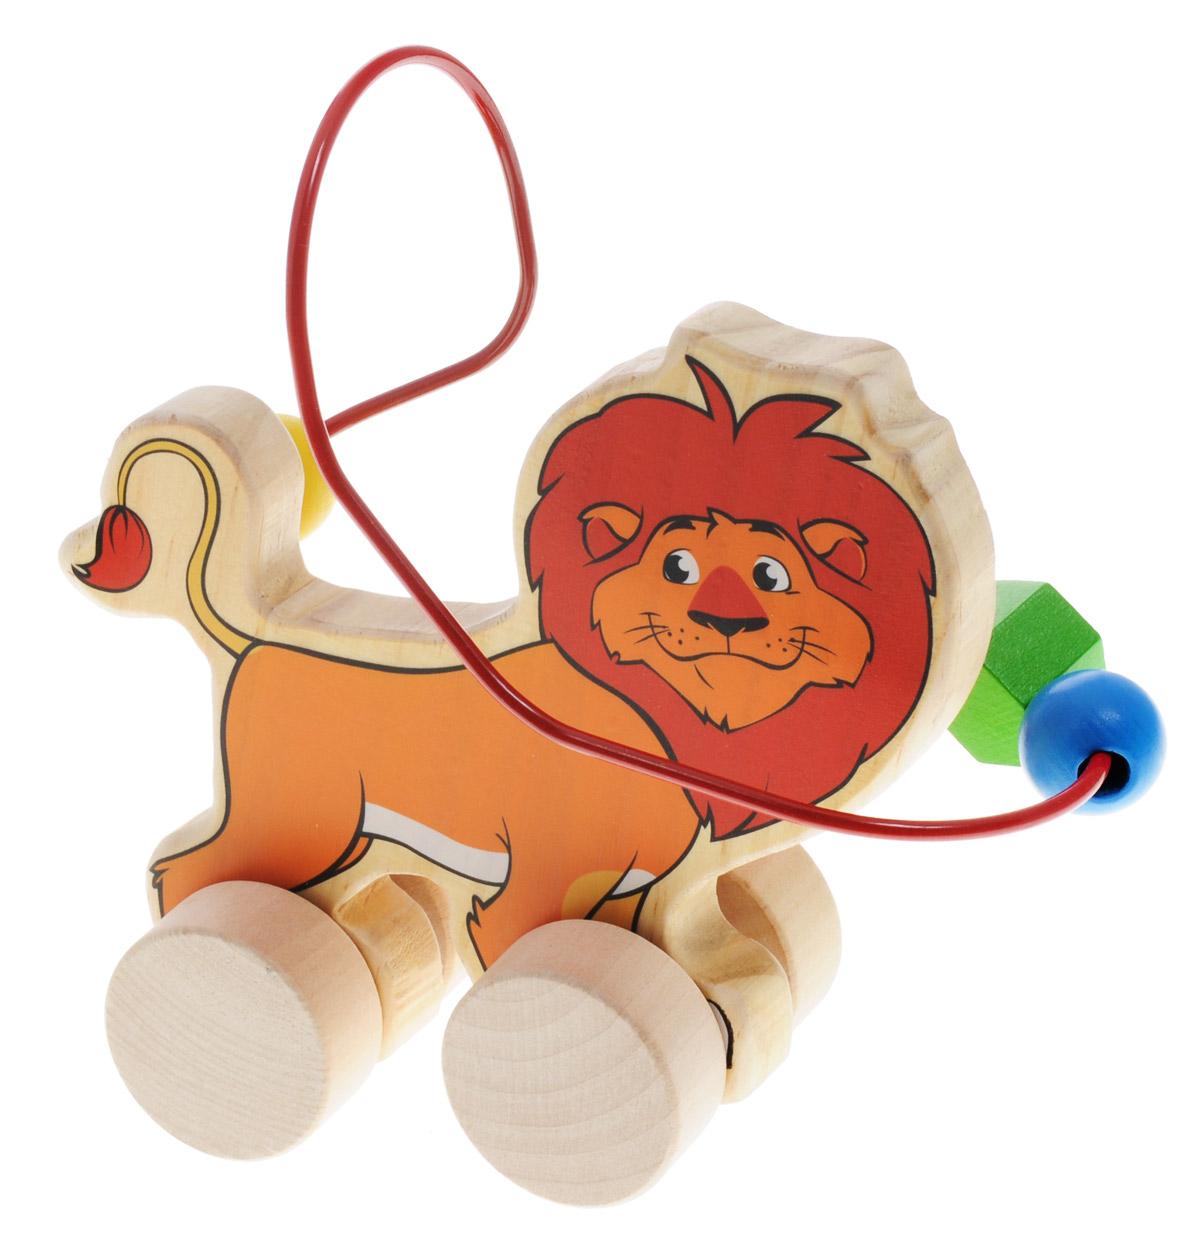 Мир деревянных игрушек Лабиринт-каталка ЛевД359Лабиринт-каталка Мир деревянных игрушек Лев - это замечательная игрушка для малышей! Игрушка в виде льва на колесиках выполнена из качественных материалов по европейским стандартам и покрыта специальной краской на водной основе, которая абсолютно безопасна для вашего малыша. Натуральное дерево, из которого изготовлена игрушка, прошло специальную обработку, в результате чего на модели не осталось острых углов или шероховатых поверхностей, которые могут повредить кожу ребенка. Производитель использует только экологически чистую новозеландскую сосну для производства своих игрушек. К игрушке прикреплена изогнутая проволока, по которой свободно могут двигаться фигурки, различные по цвету и форме. Мелкие детали не снимаются. Благодаря большим деревянным колесам малыш сможет использовать игрушку и как каталку. Лабиринт-каталка развивает моторику рук, логическое мышление, а также знакомит малыша с основными цветами и формами.